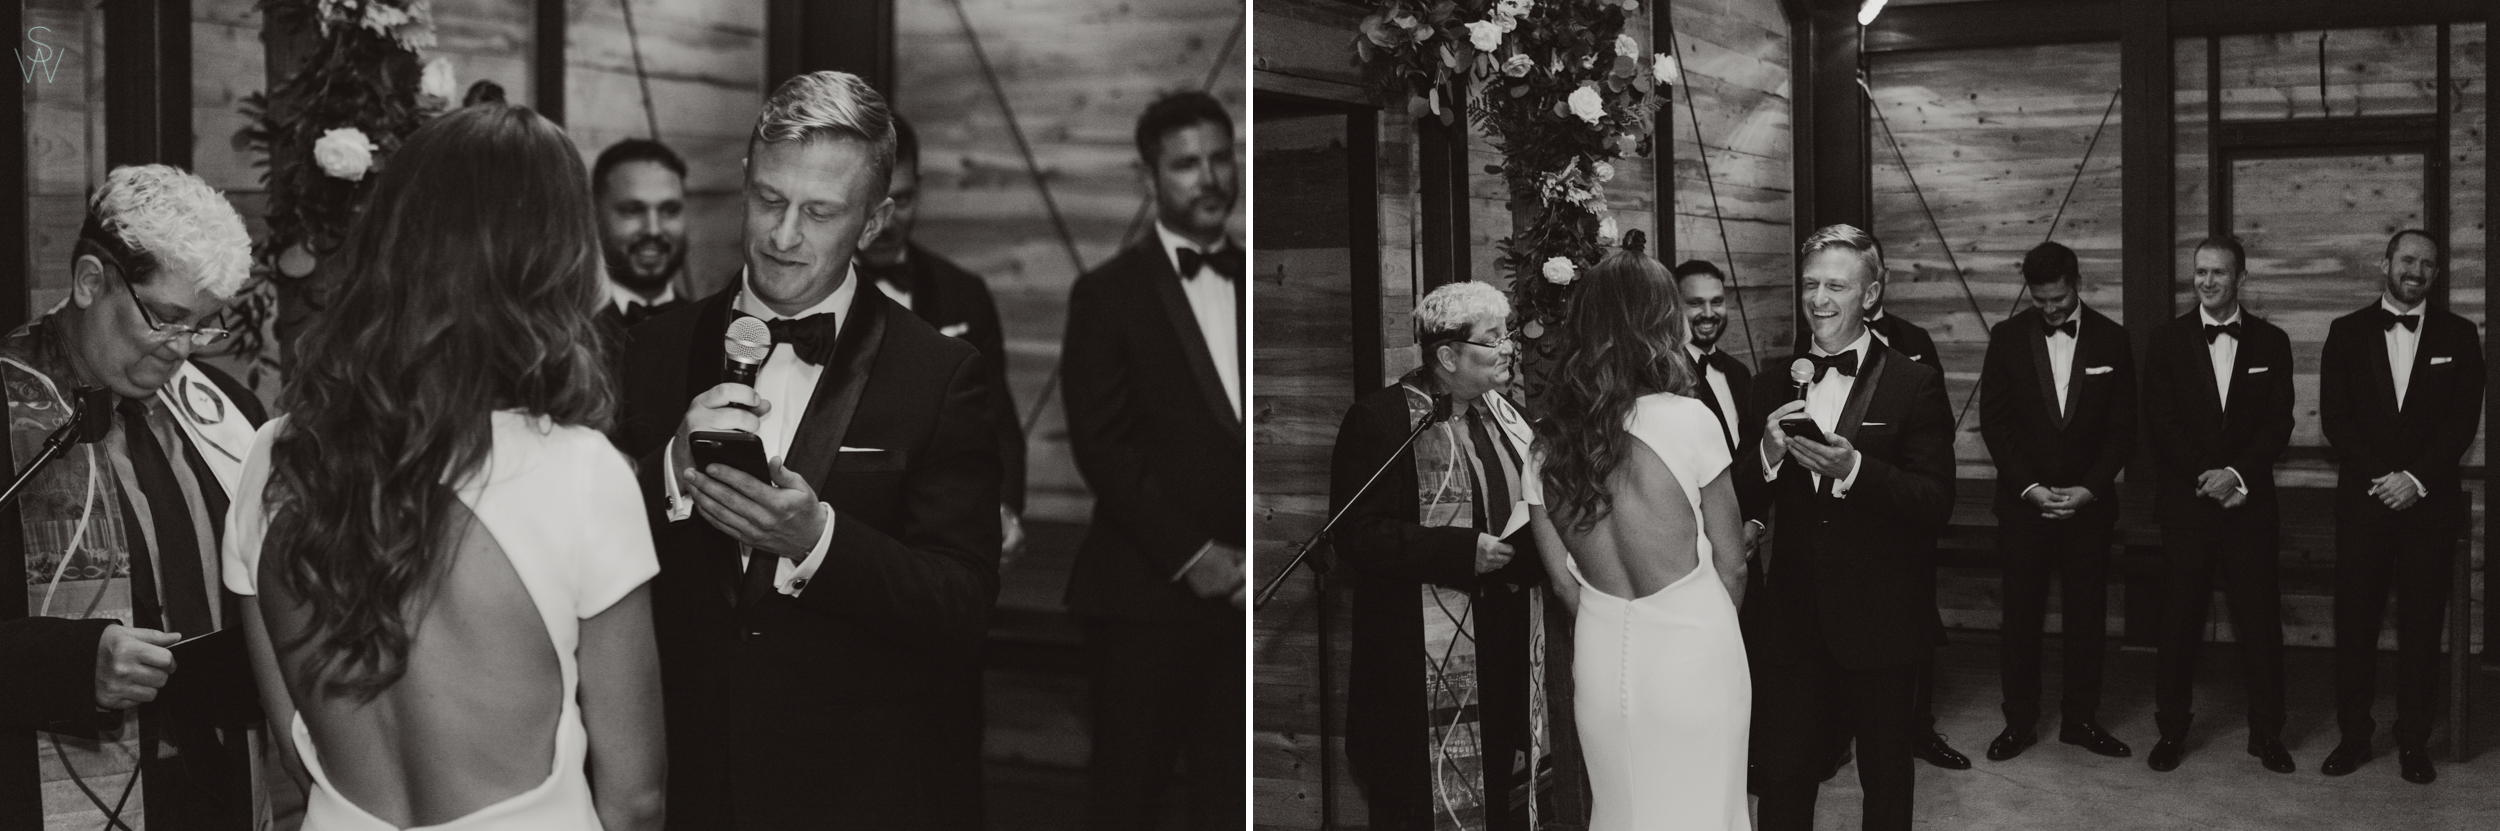 155THE.UNDERGROUND.ELEPHANT.Readinvows.wedding.photography.shewanders.JPG